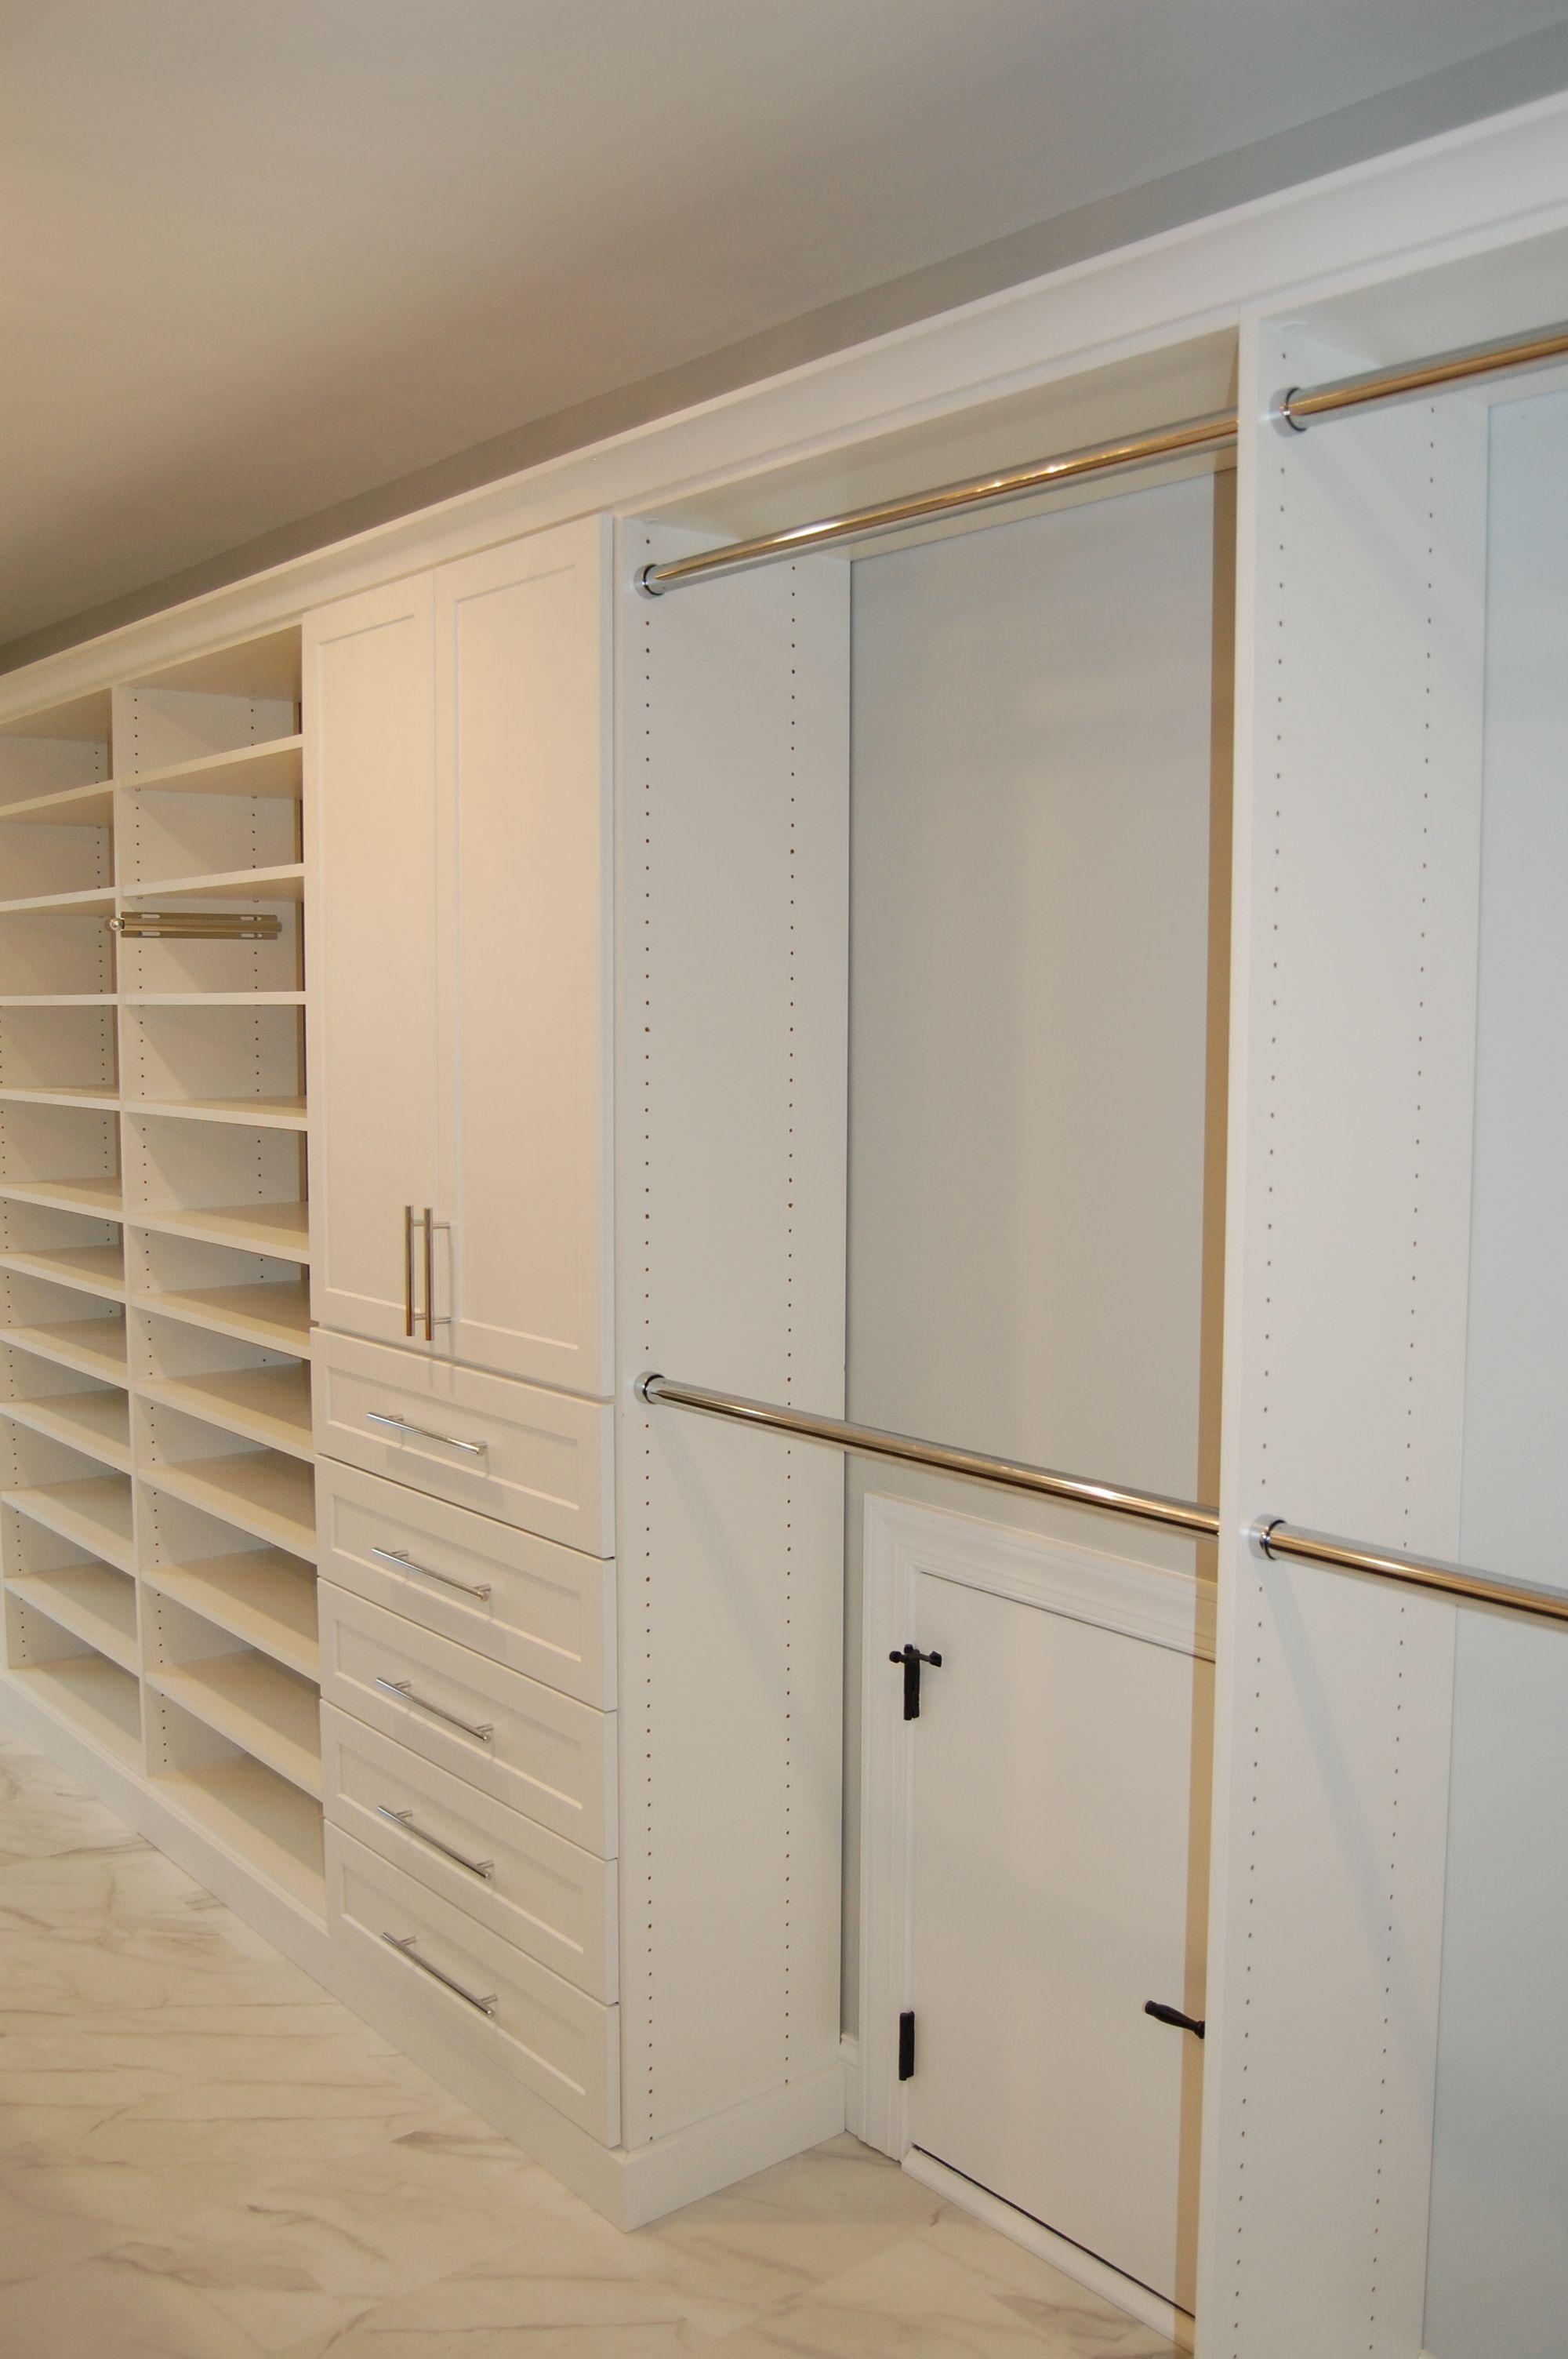 White Closet Storage Organization Storage Solutions Creative Closets Storage Solutions